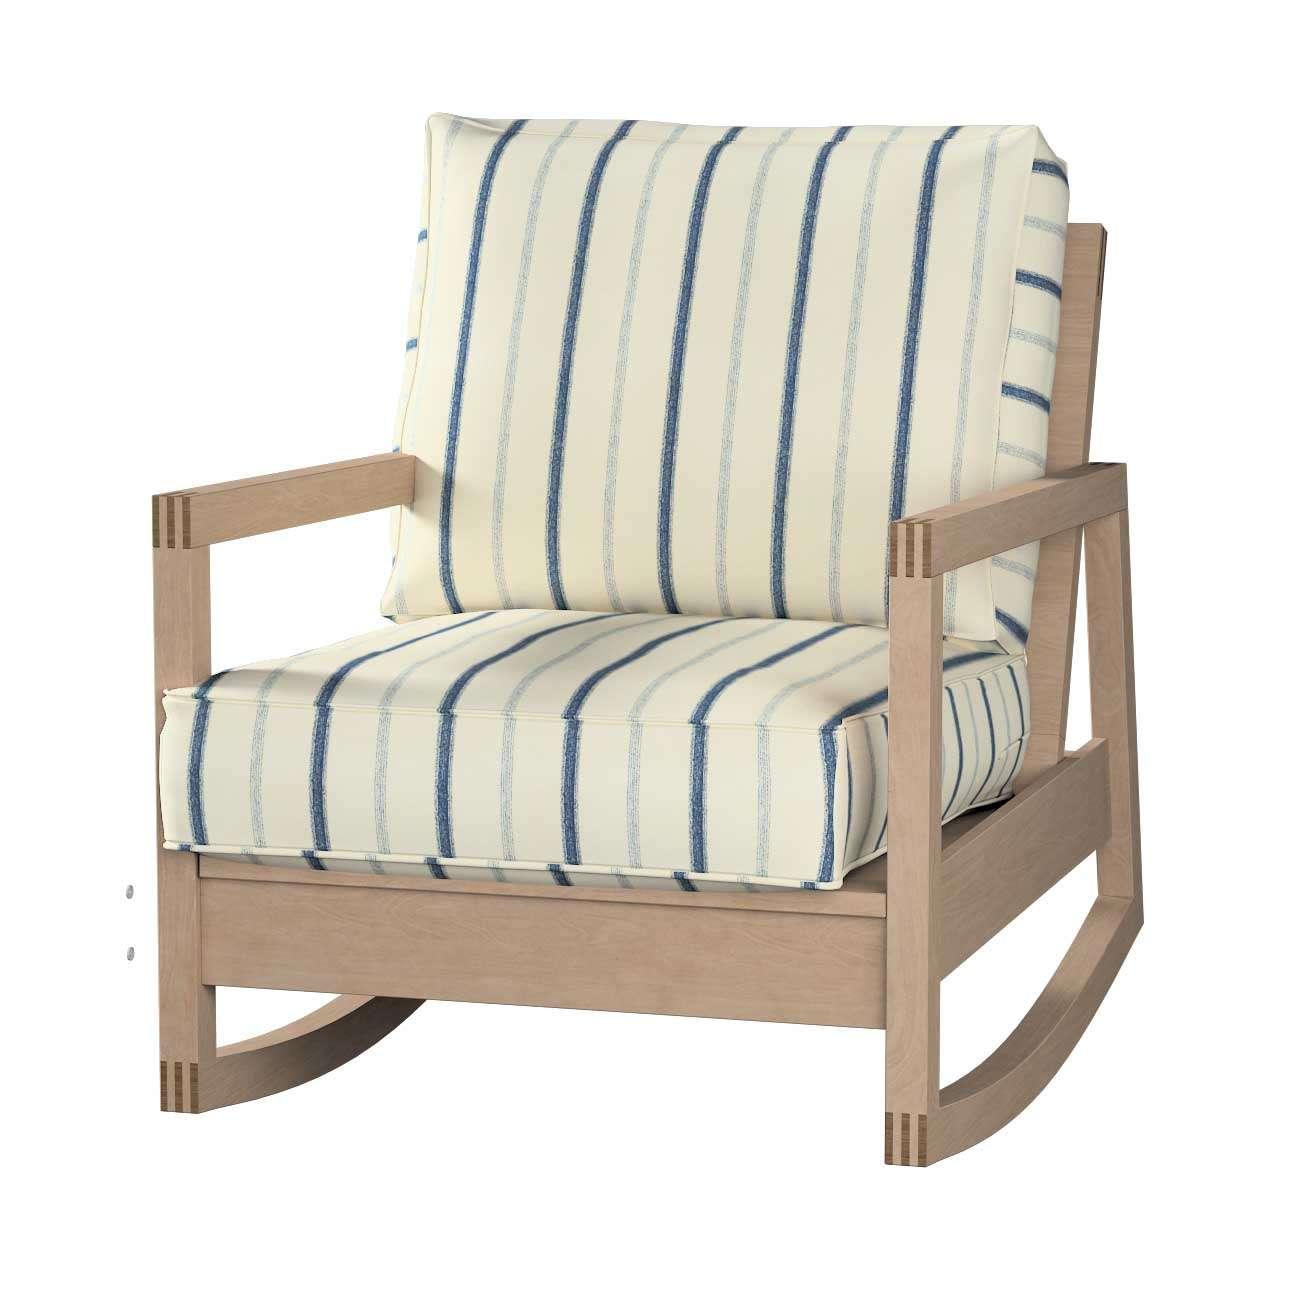 LILLBERG fotelio užvalkalas LILLBERG fotelio užvalkalas kolekcijoje Avinon, audinys: 129-66